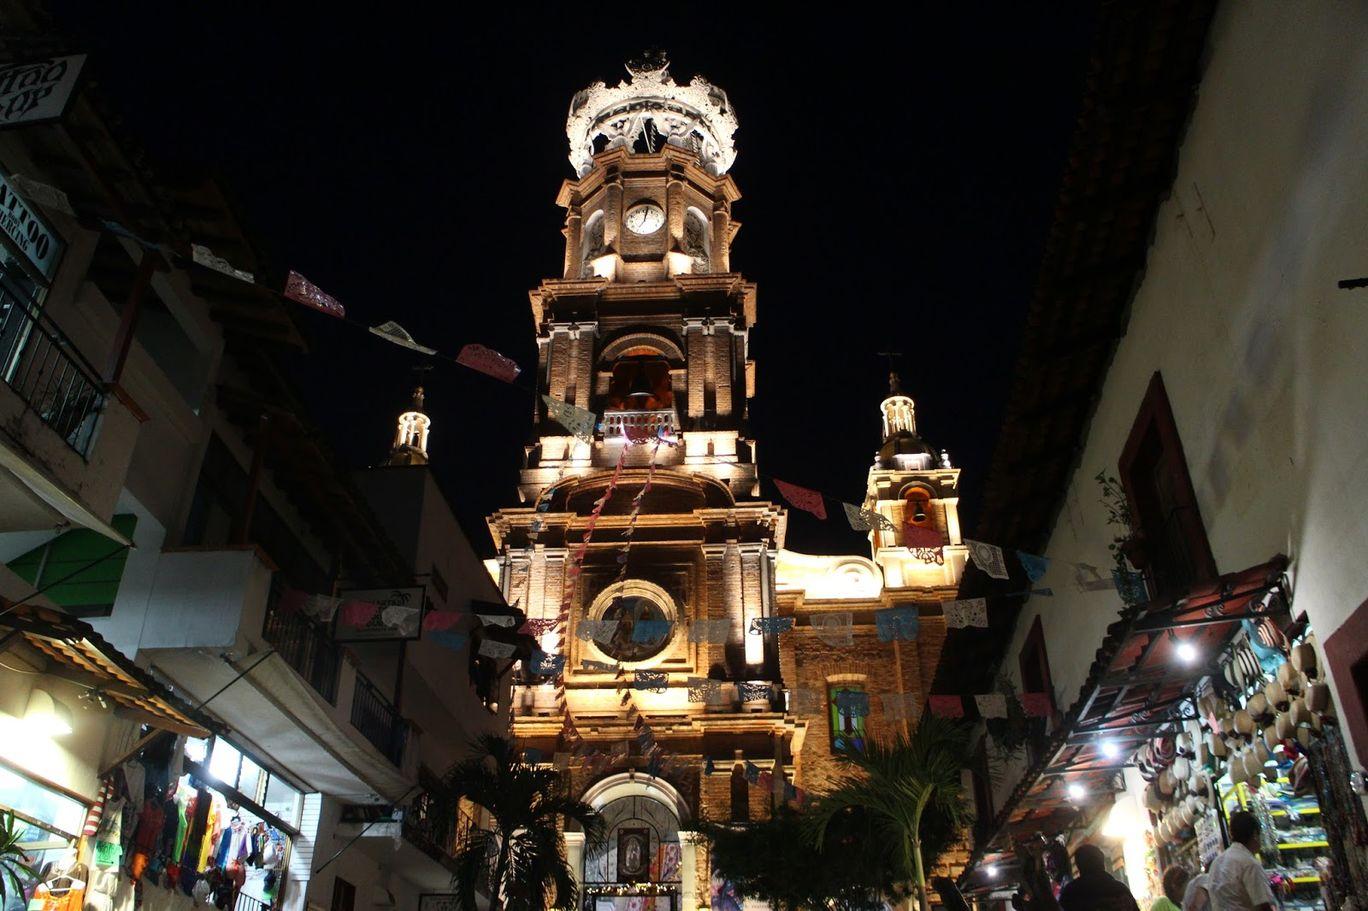 3 days in Puerto Vallarta